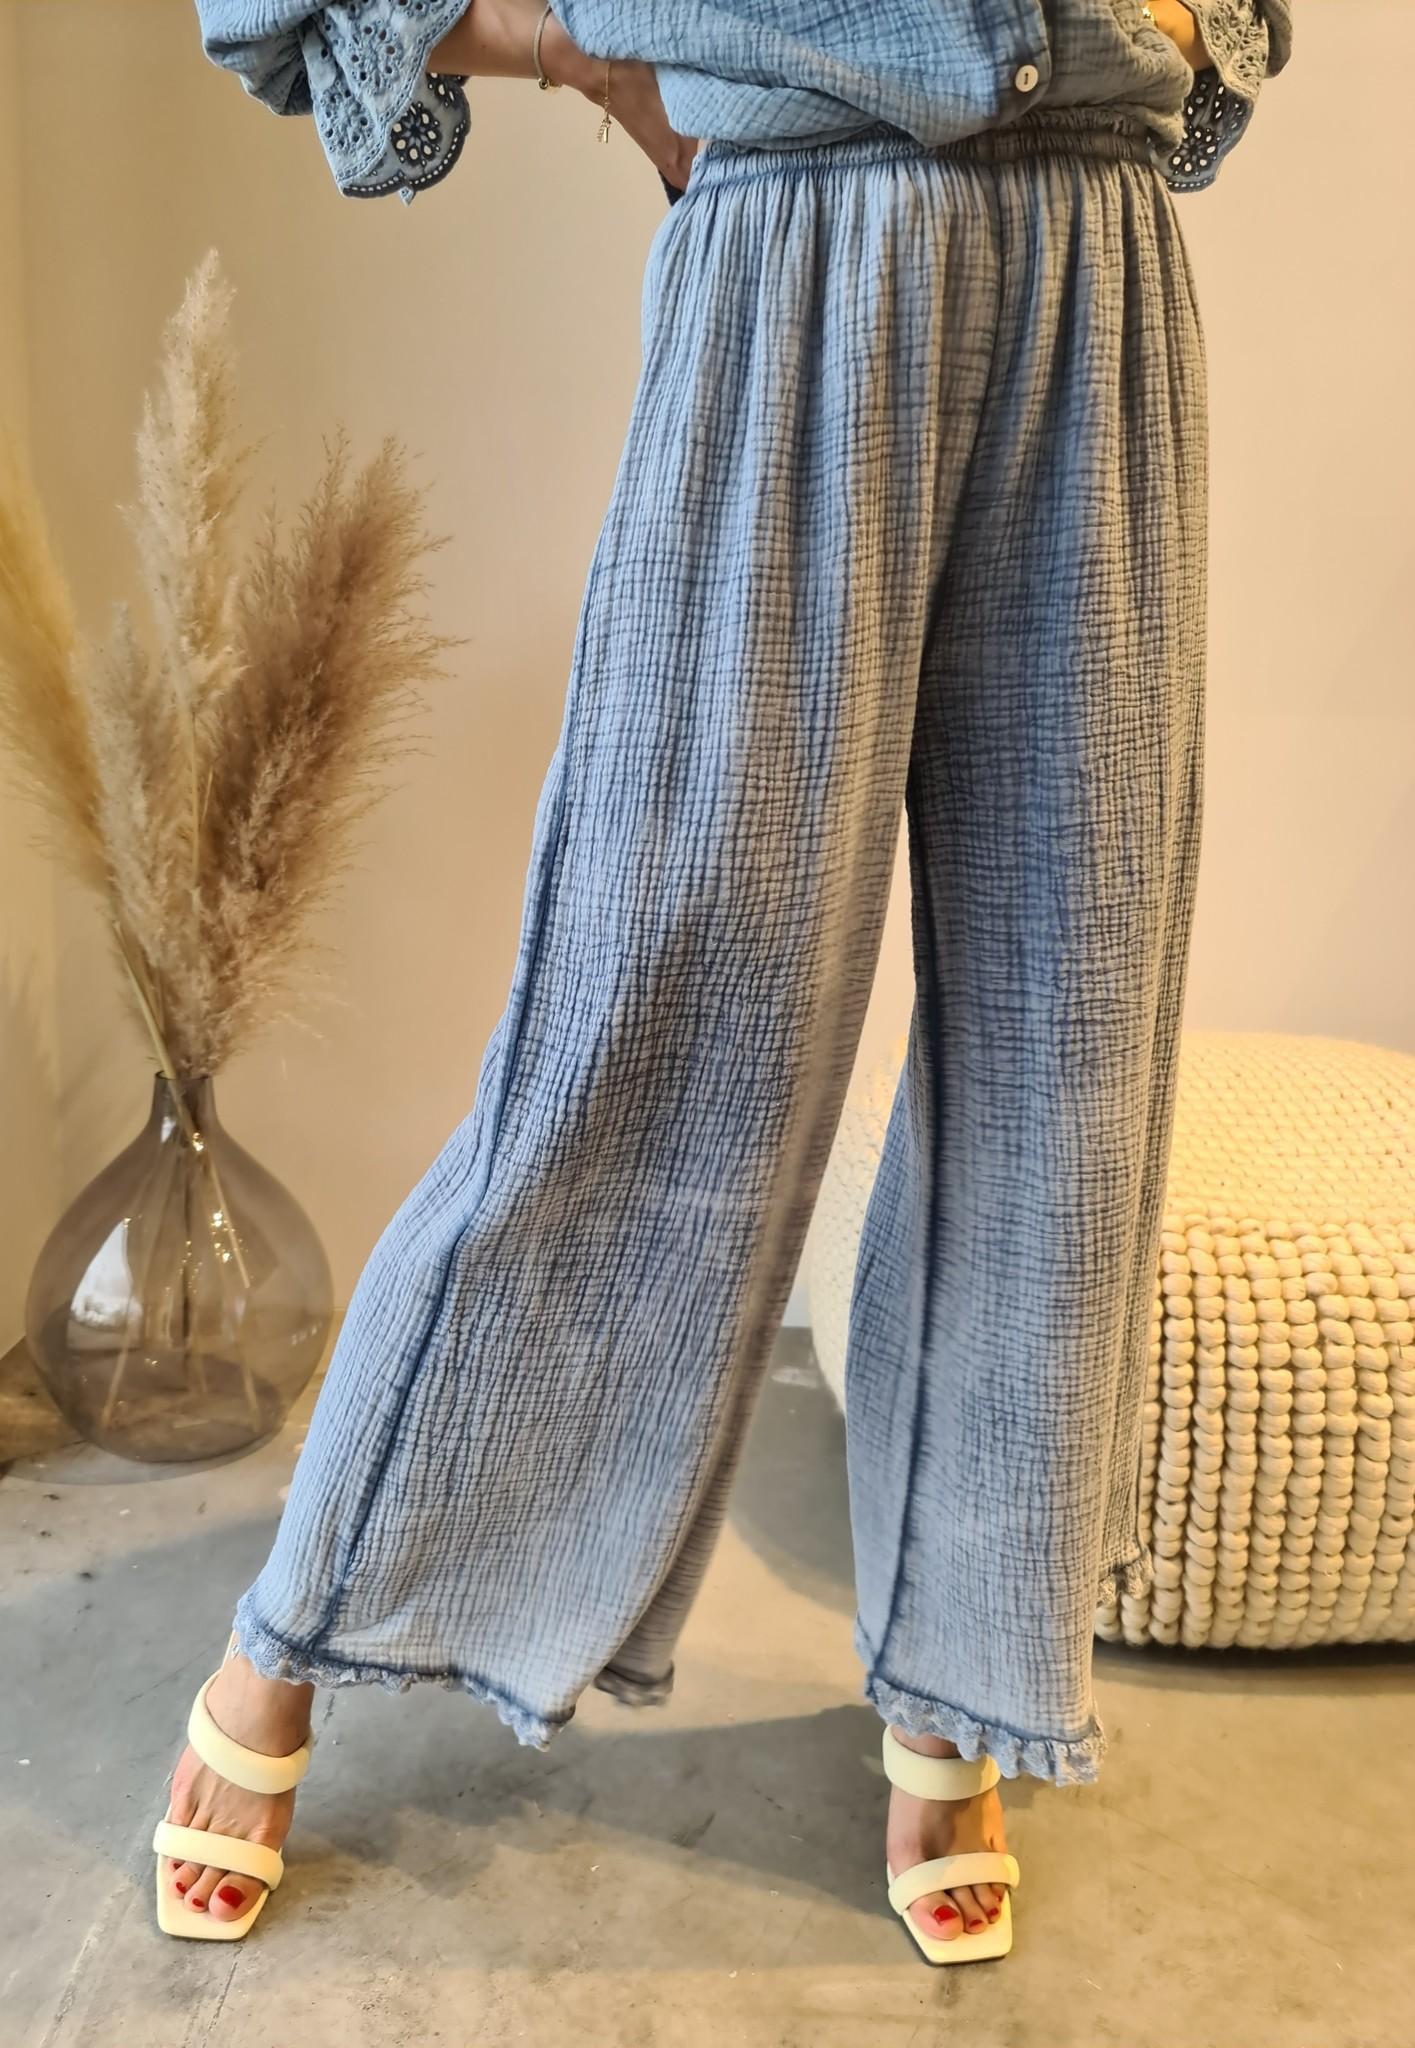 CAPRI pantalon-6